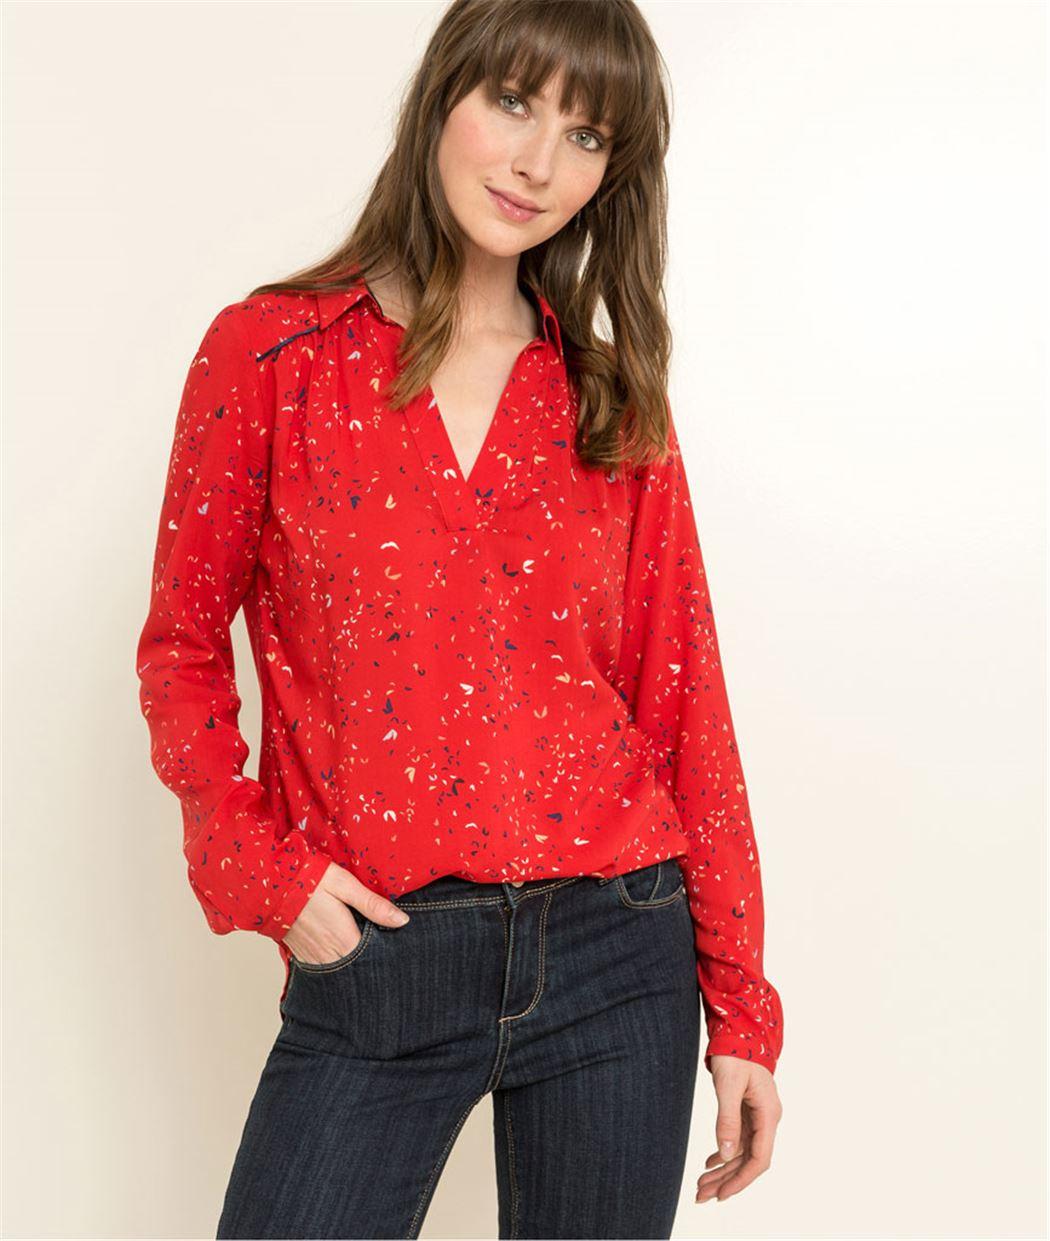 Chemise liquette femme imprimés ludiques ROUGE